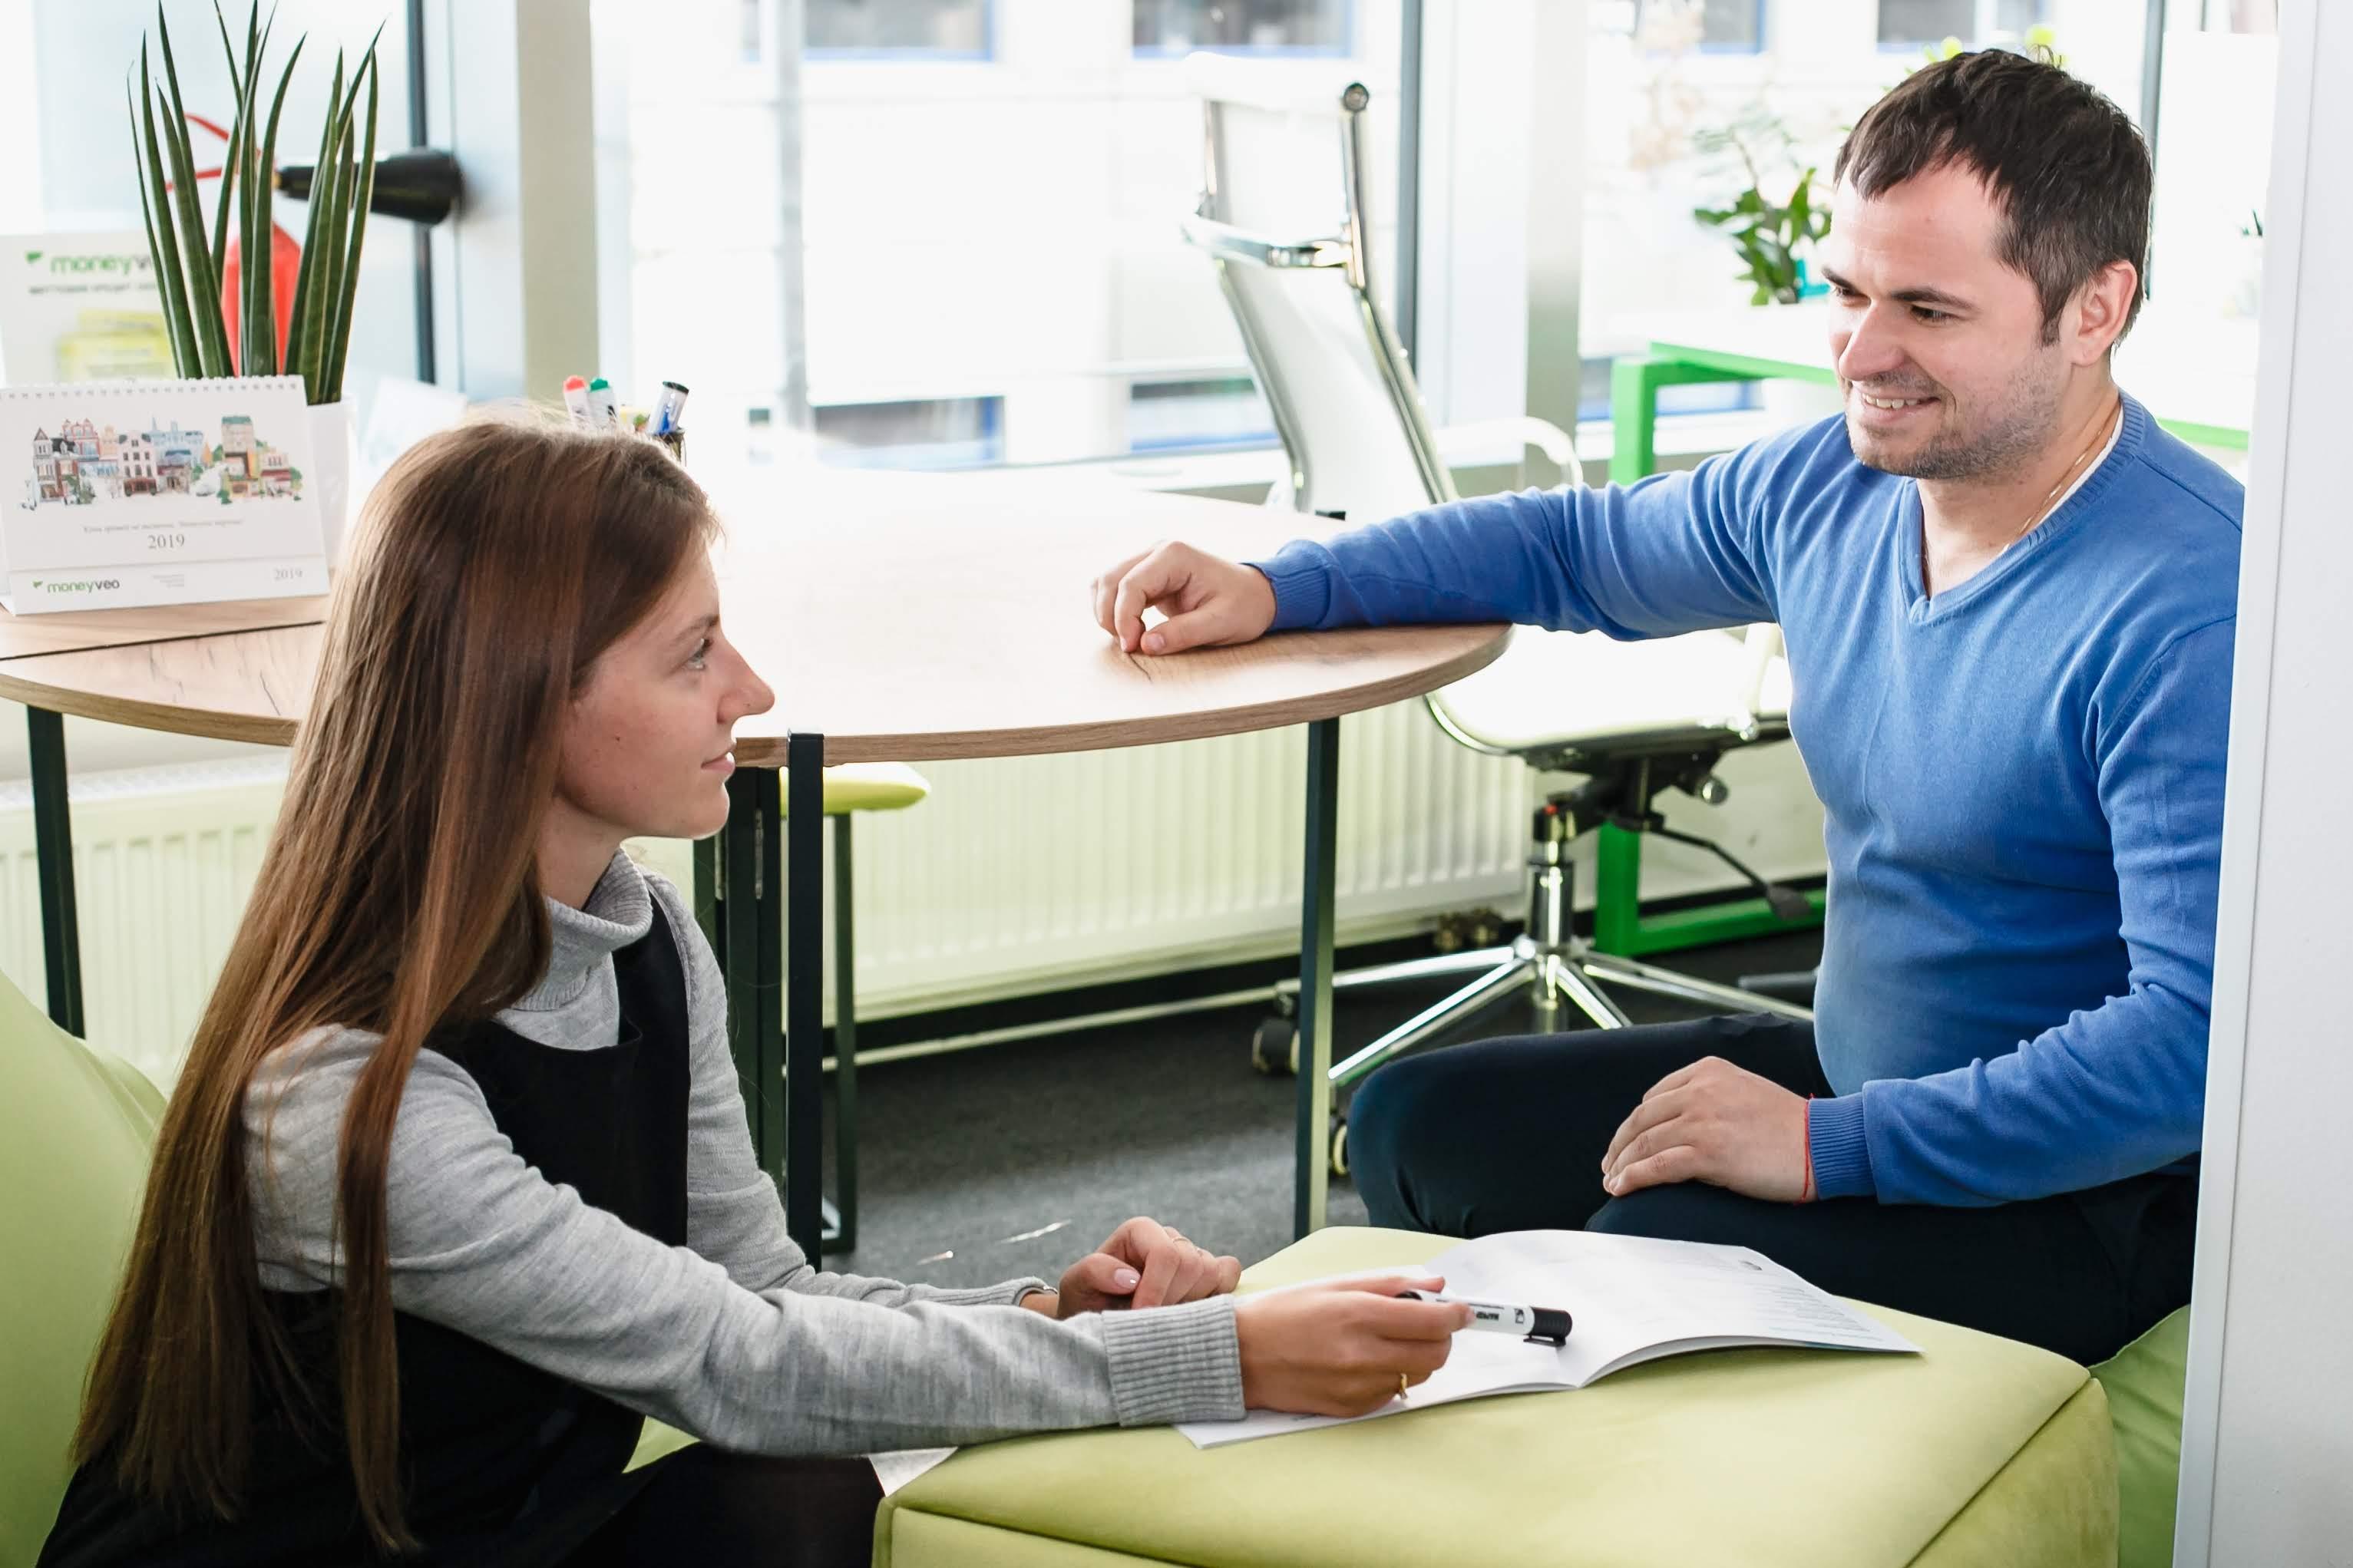 moneyveo: сделаем довольным и успешным каждого сотрудника